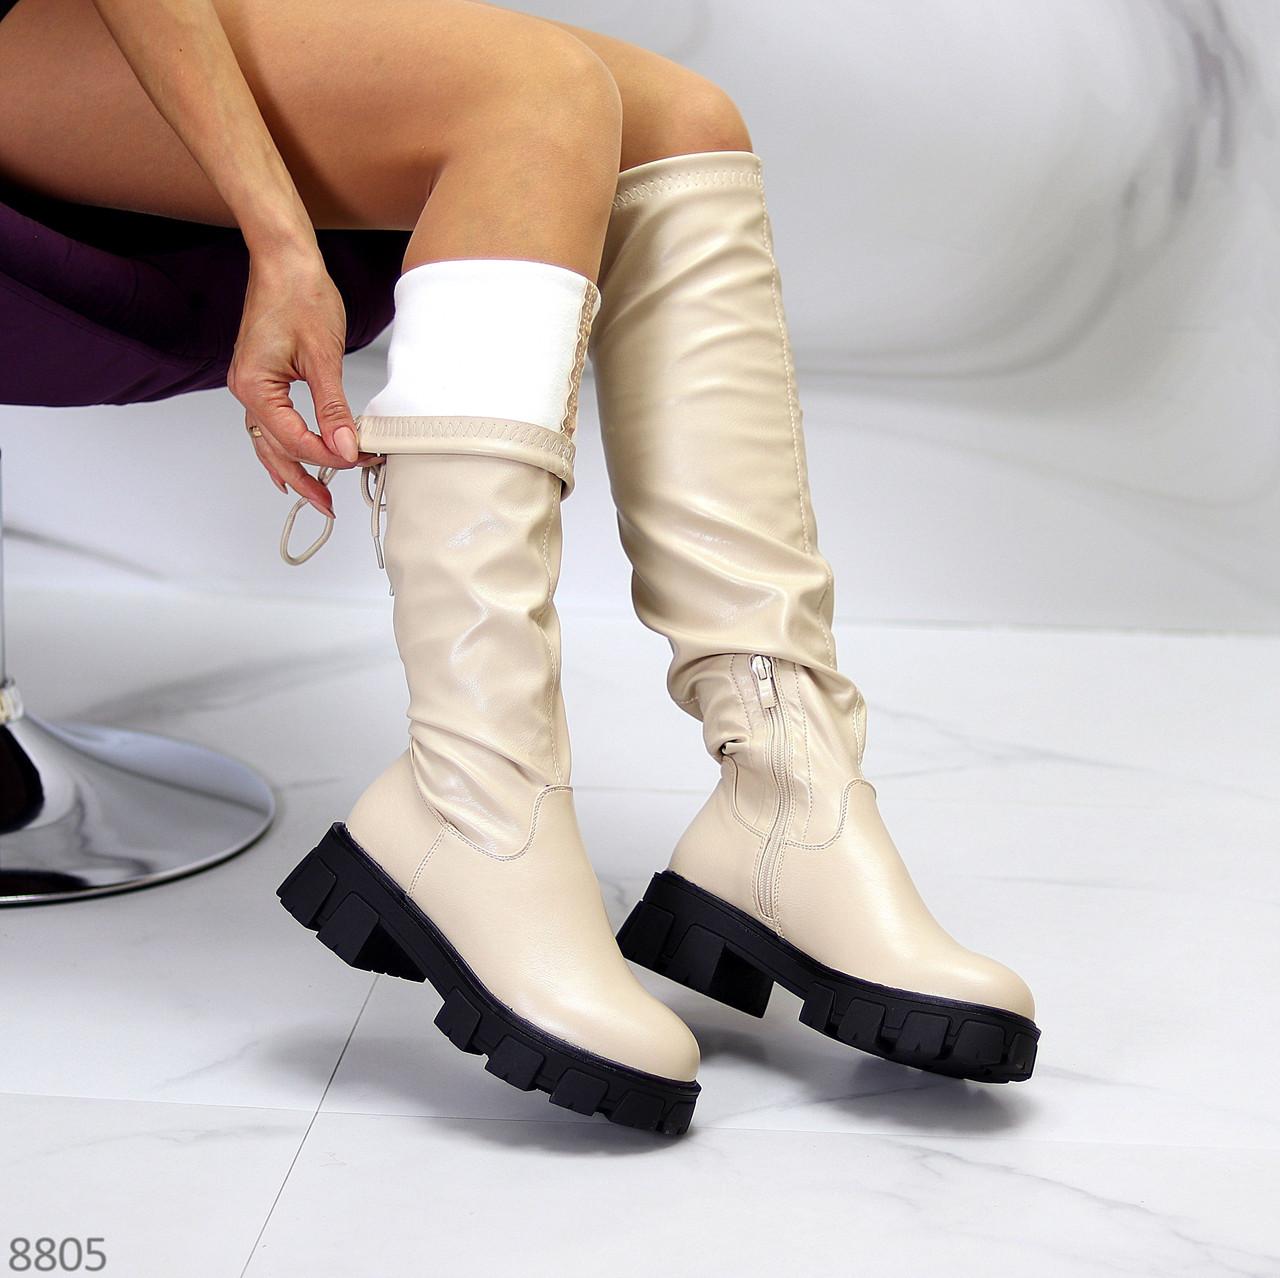 Високі бежеві жіночі чоботи ботфорти на флісі на тракторній підошві